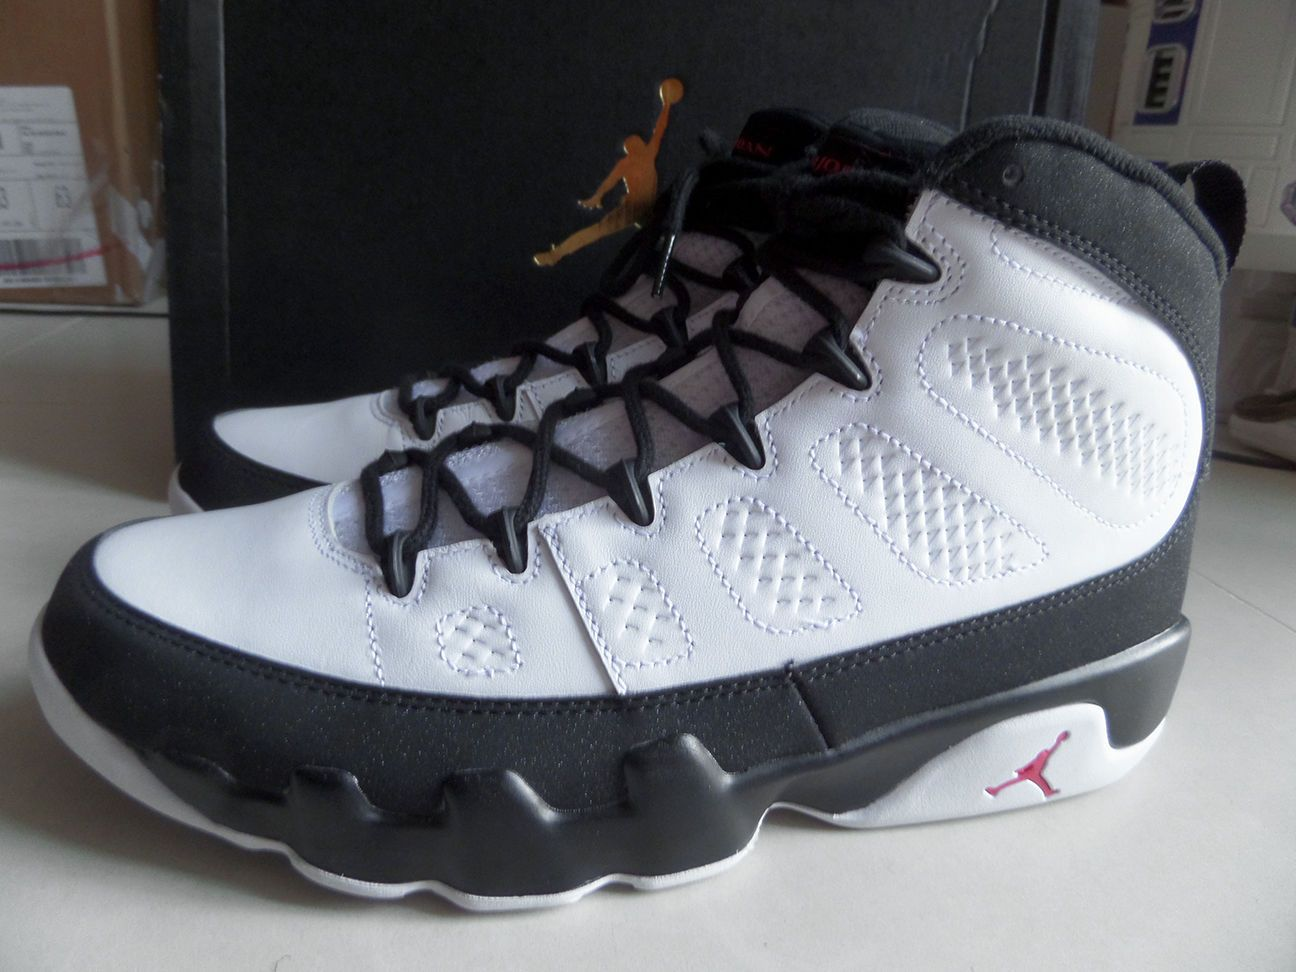 100% Auth Nike Air Jordan 9 IX Retro OG Playoff Space Jam sz 10.5 [